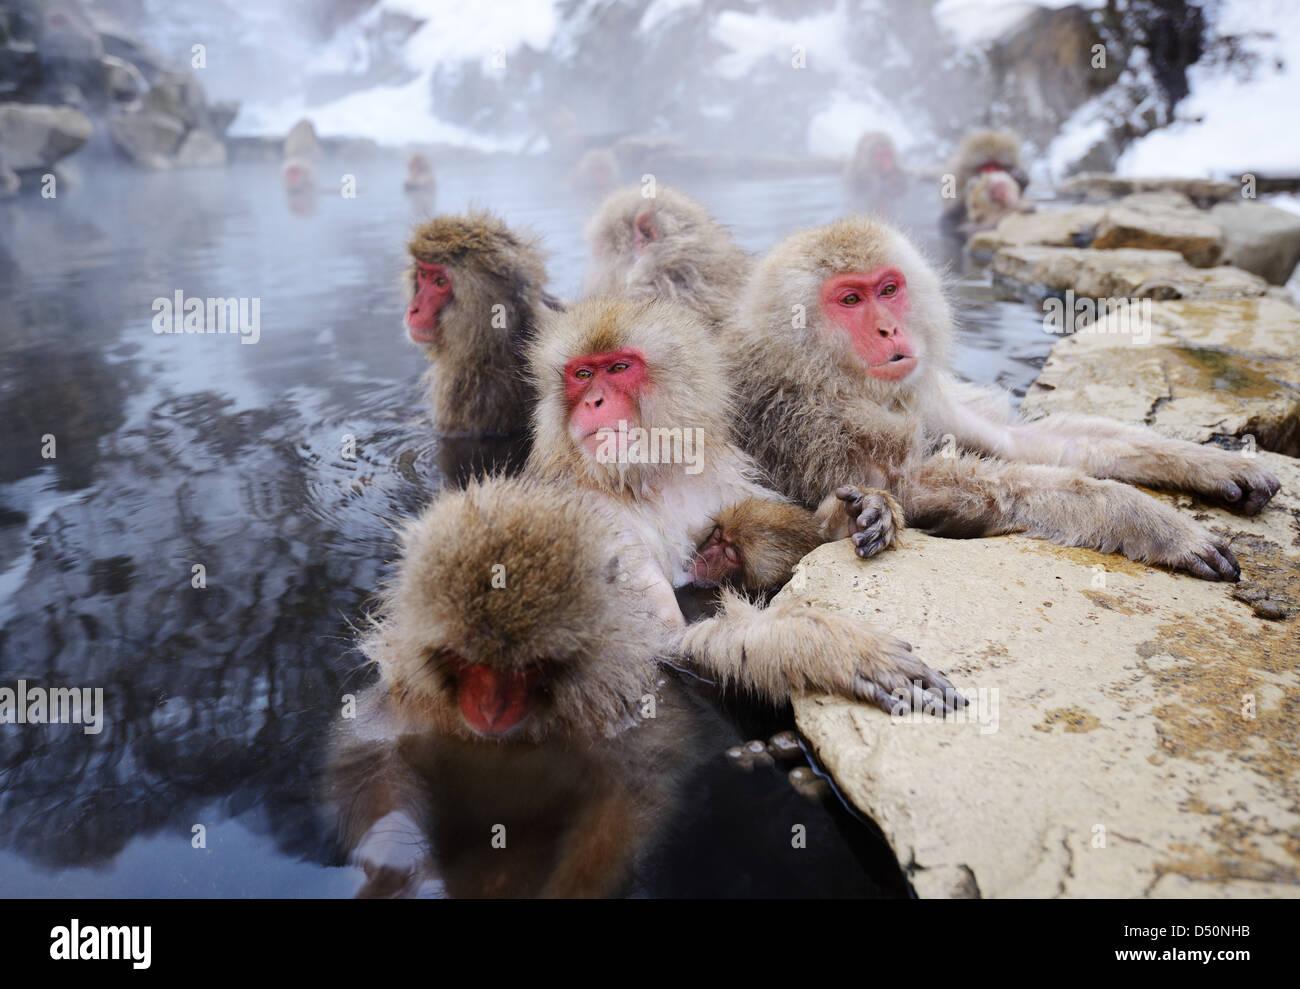 Japanische Schneeaffen Bad in heißen Quellen in Nagano, Japan. Stockbild